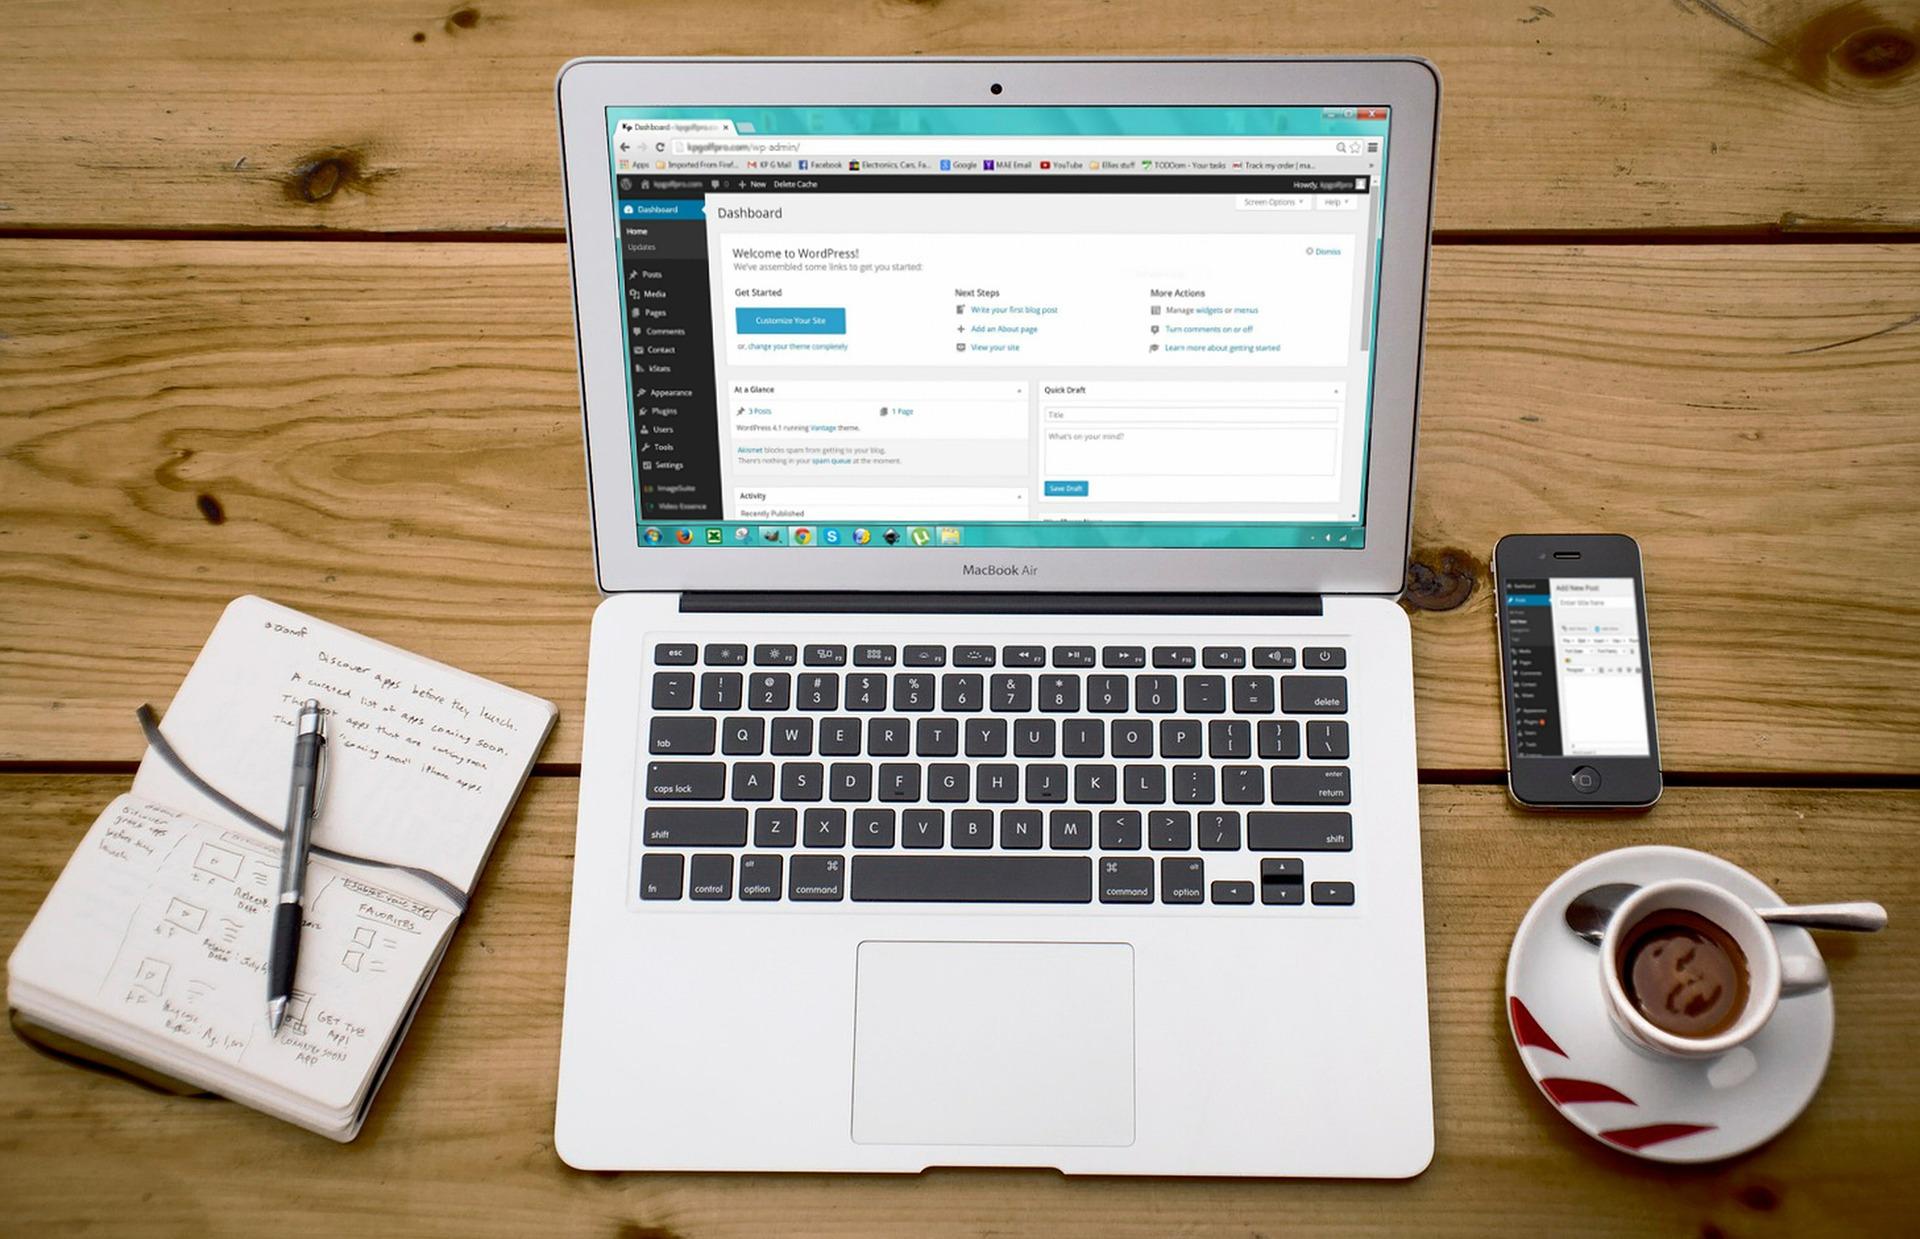 Redaktion für Digitales Jugendmagazin